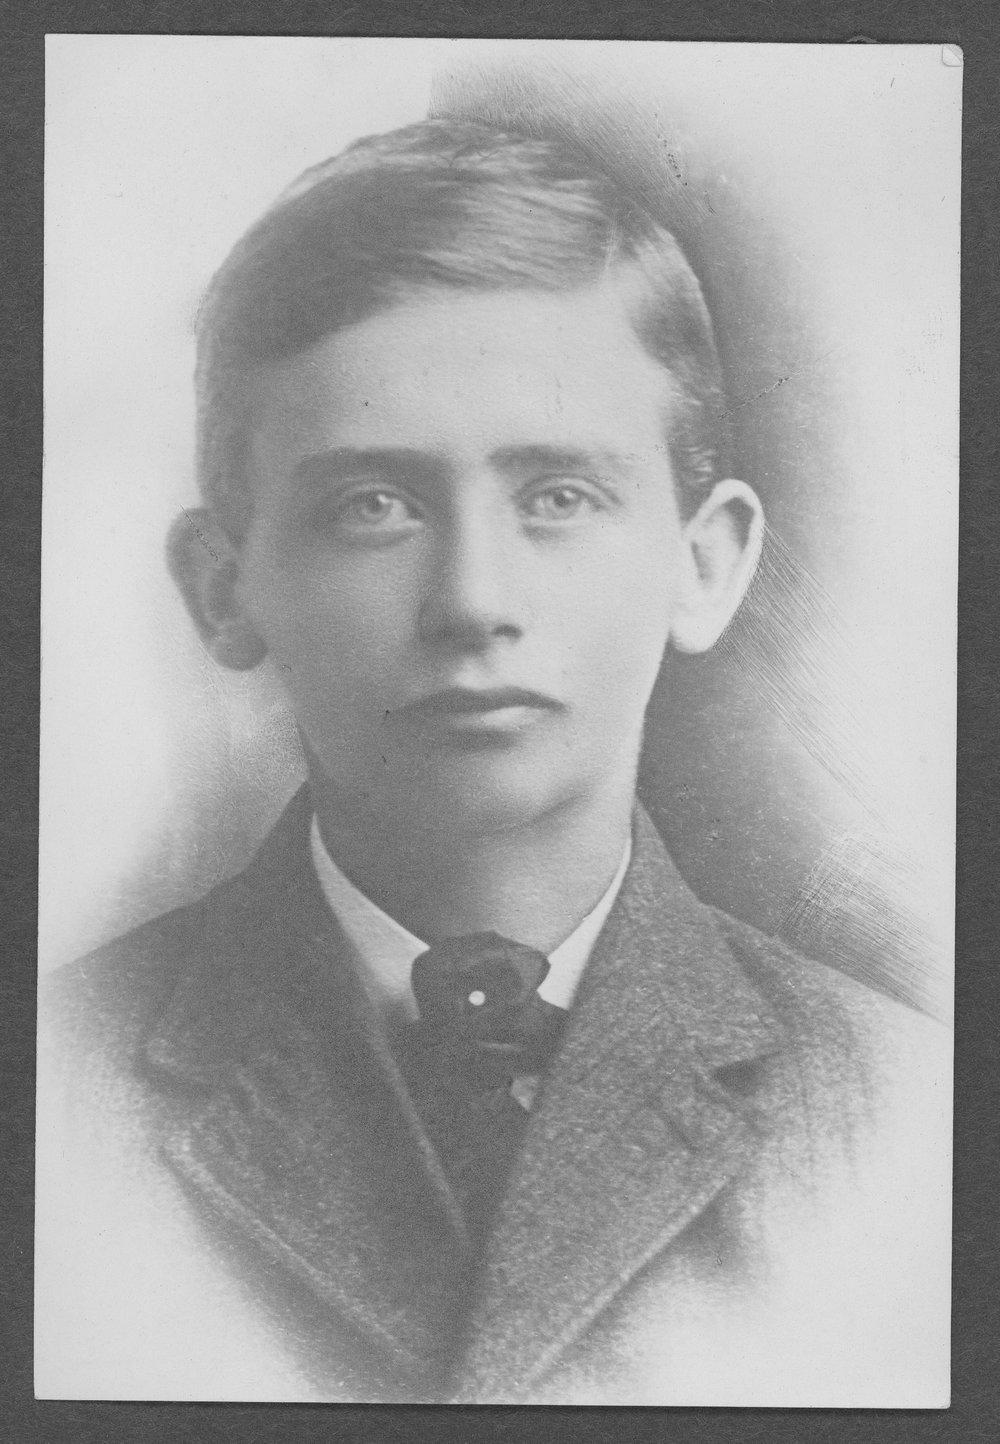 William Charles Wheeler, World War I soldier - 1